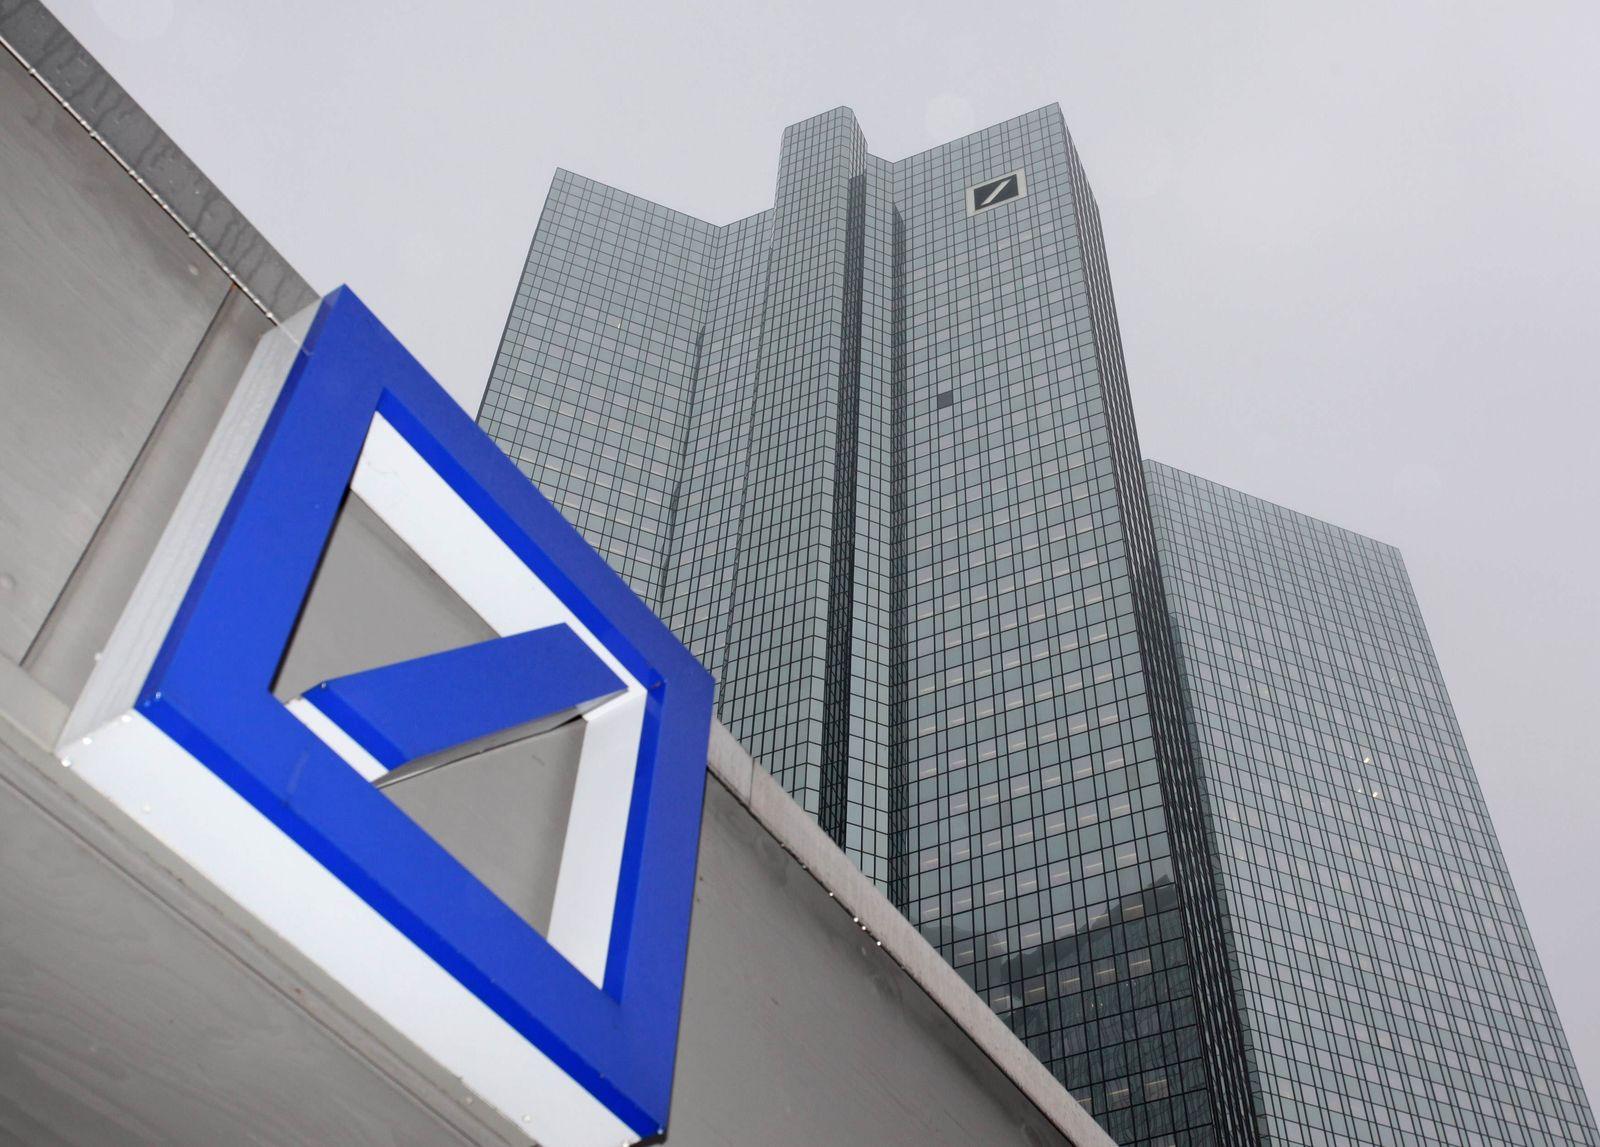 Deutsche Bank / Zentrale Frankfurt